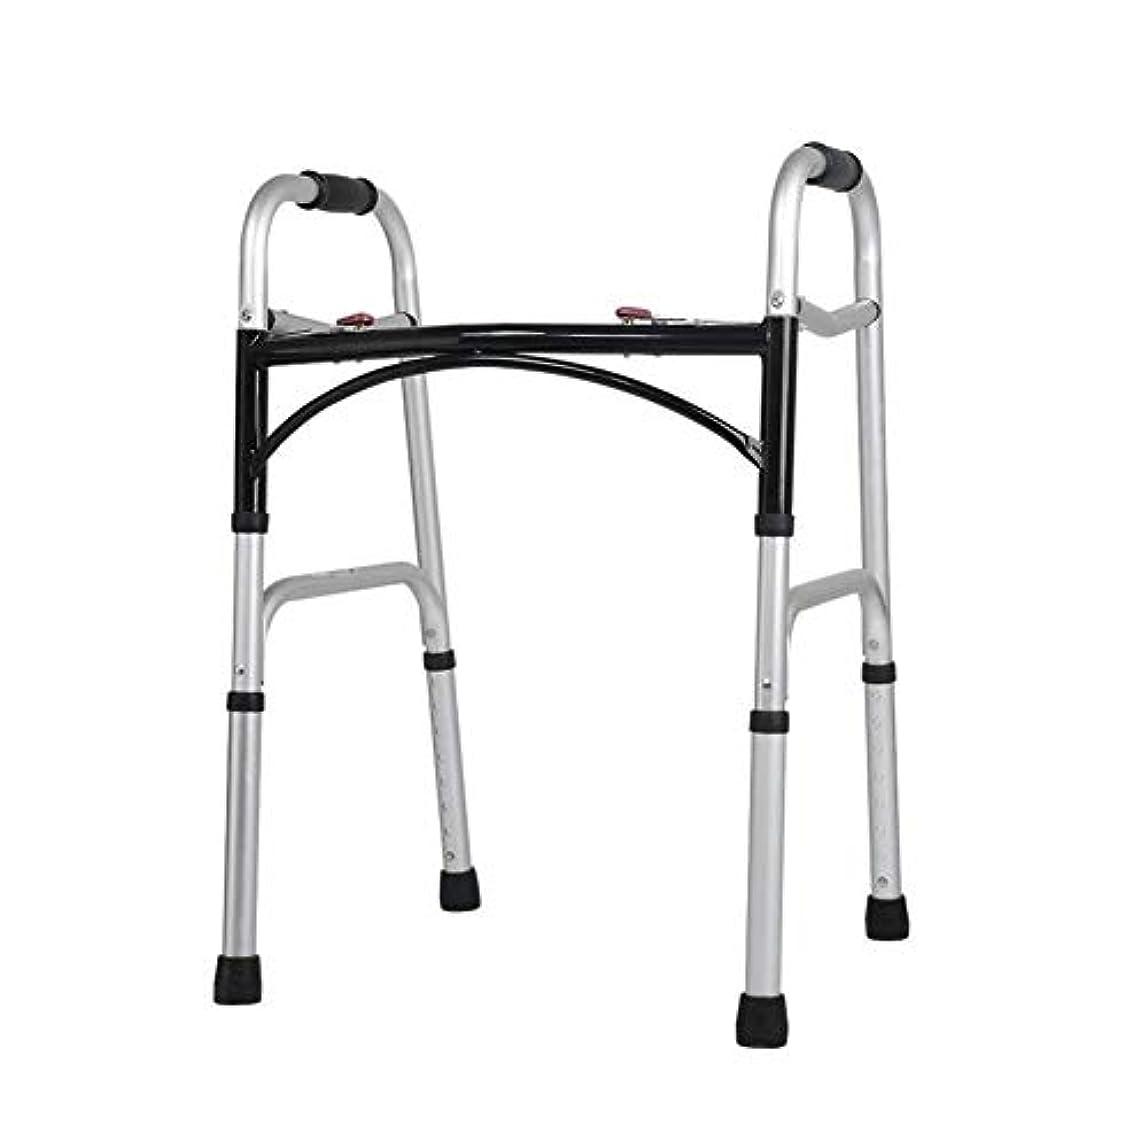 凝縮する極めて重要なピービッシュ非車輪付き折りたたみ歩行フレーム、多機能高齢者歩行ブラケット無効双腕歩行器